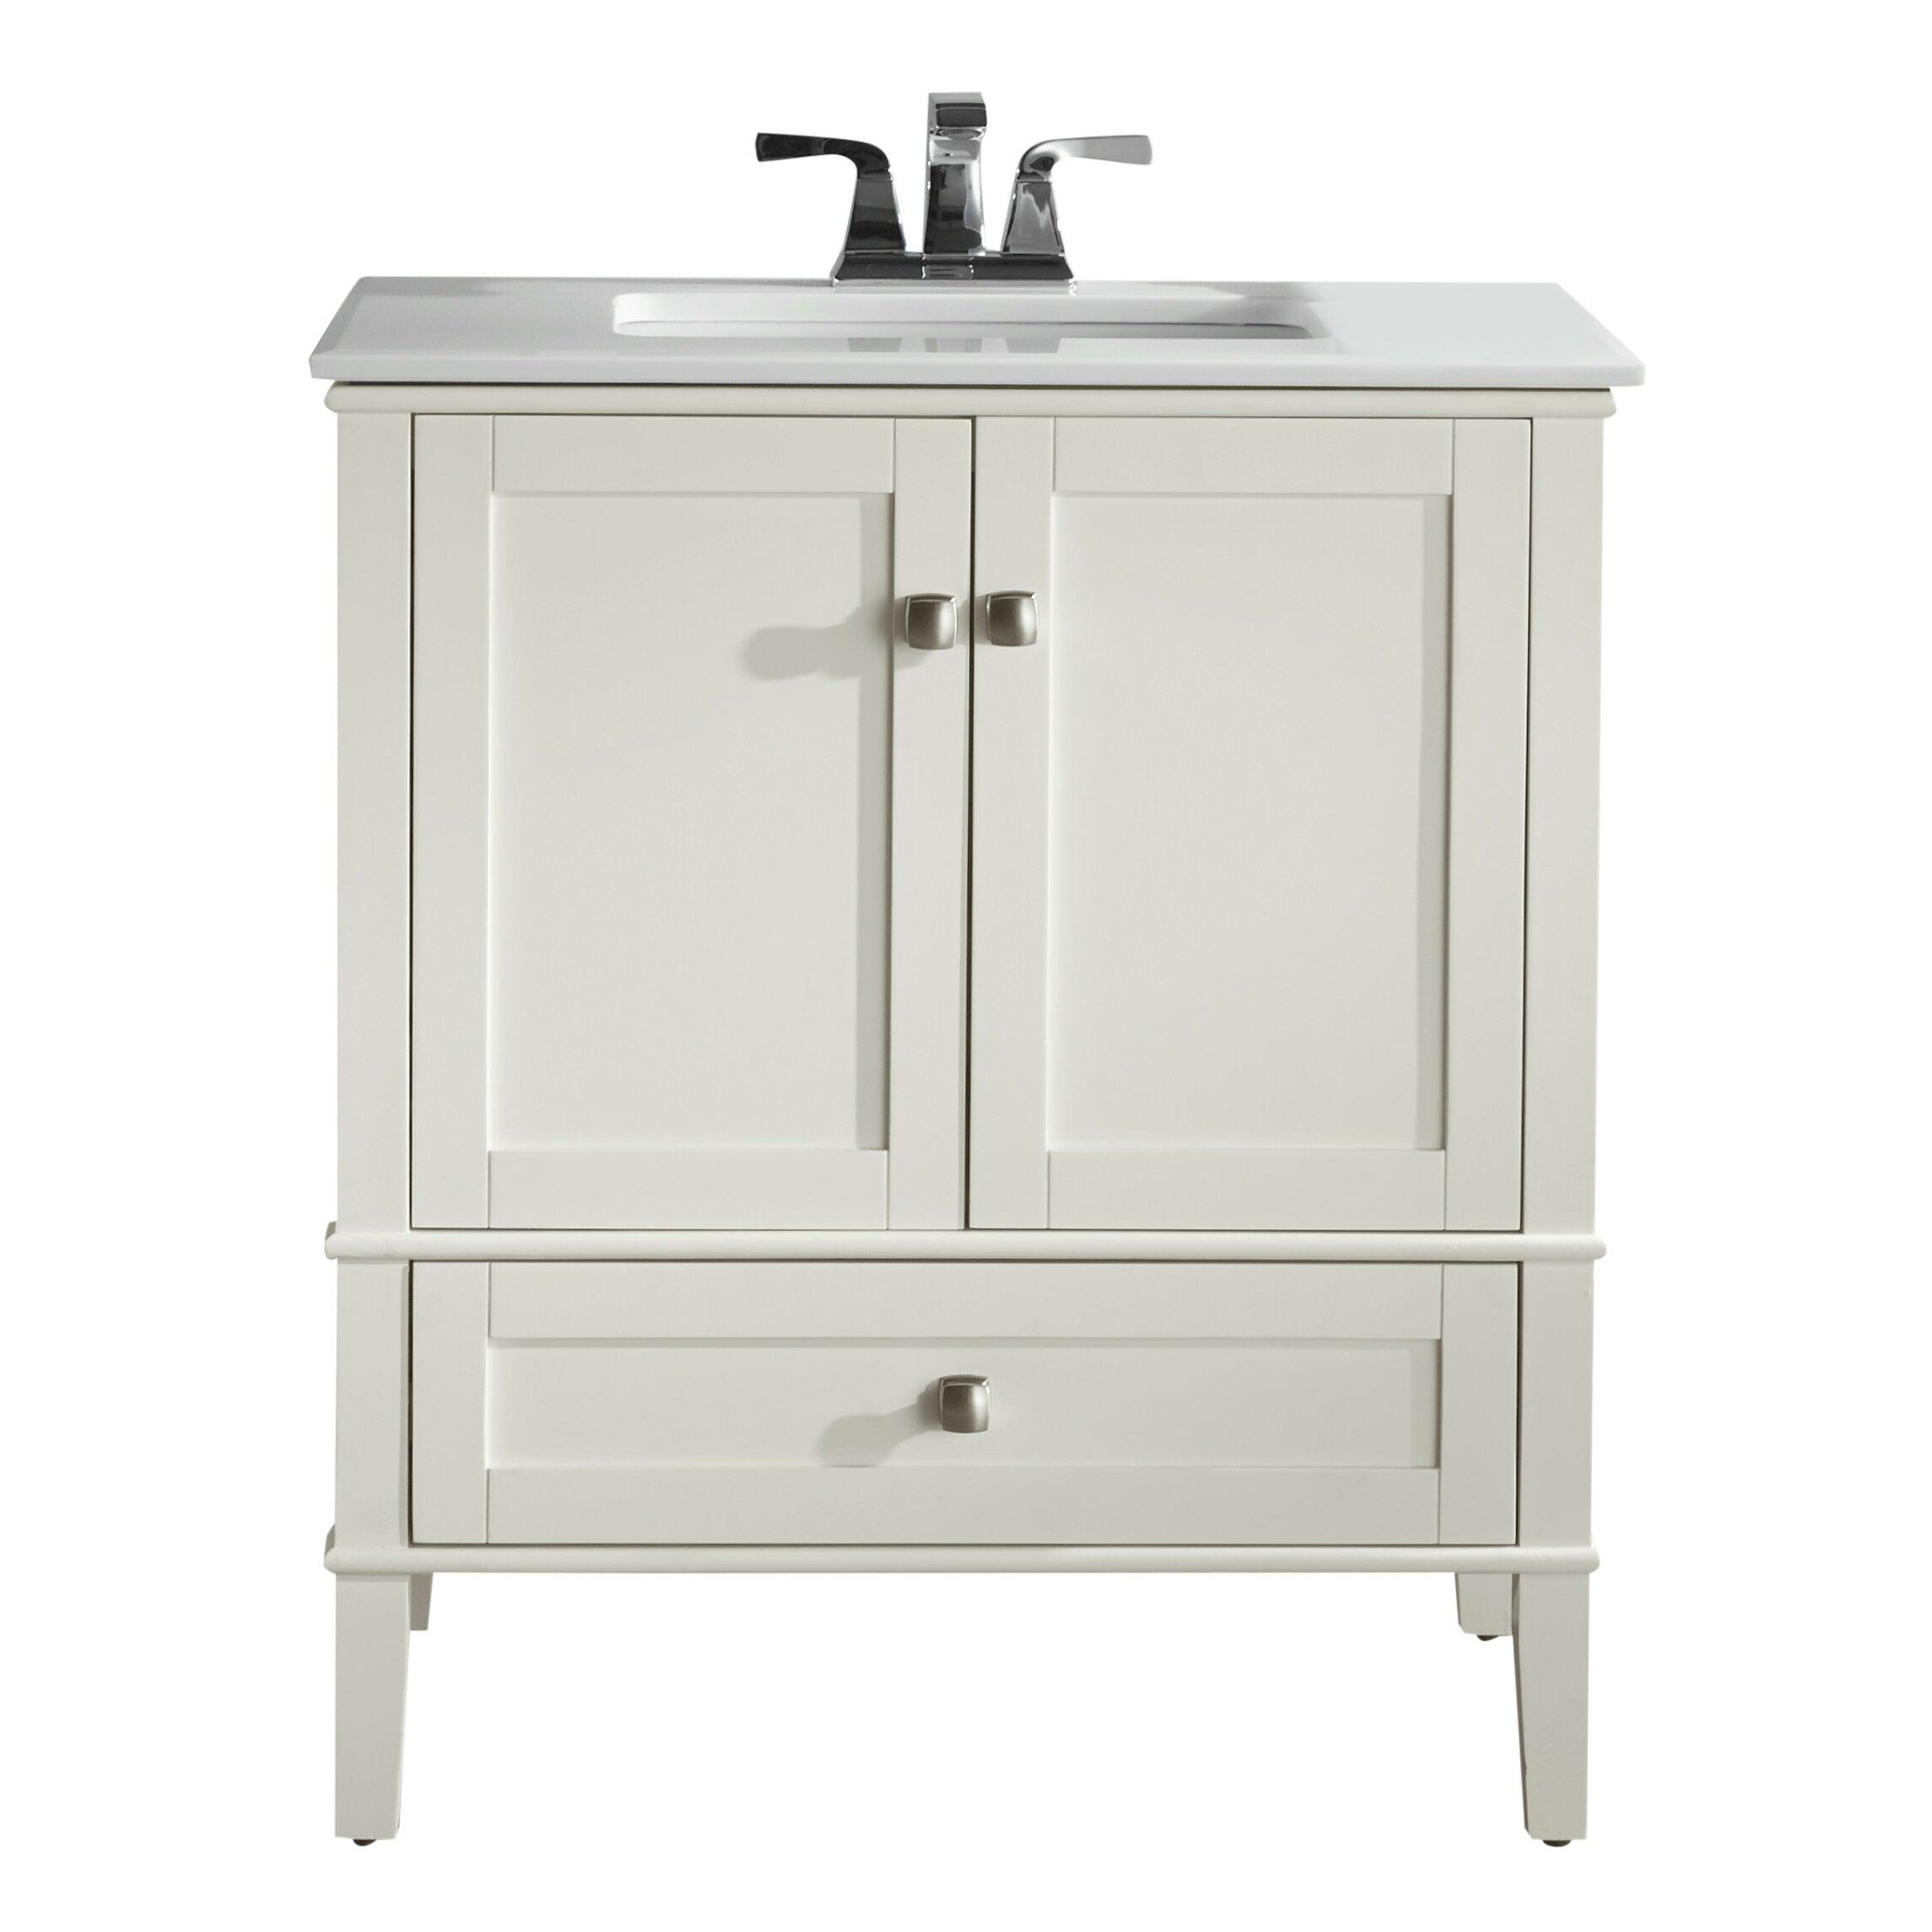 Bathroom Vanity Set Simpli Home Chelsea 31 Single Bathroom Vanity Set Reviews Wayfair